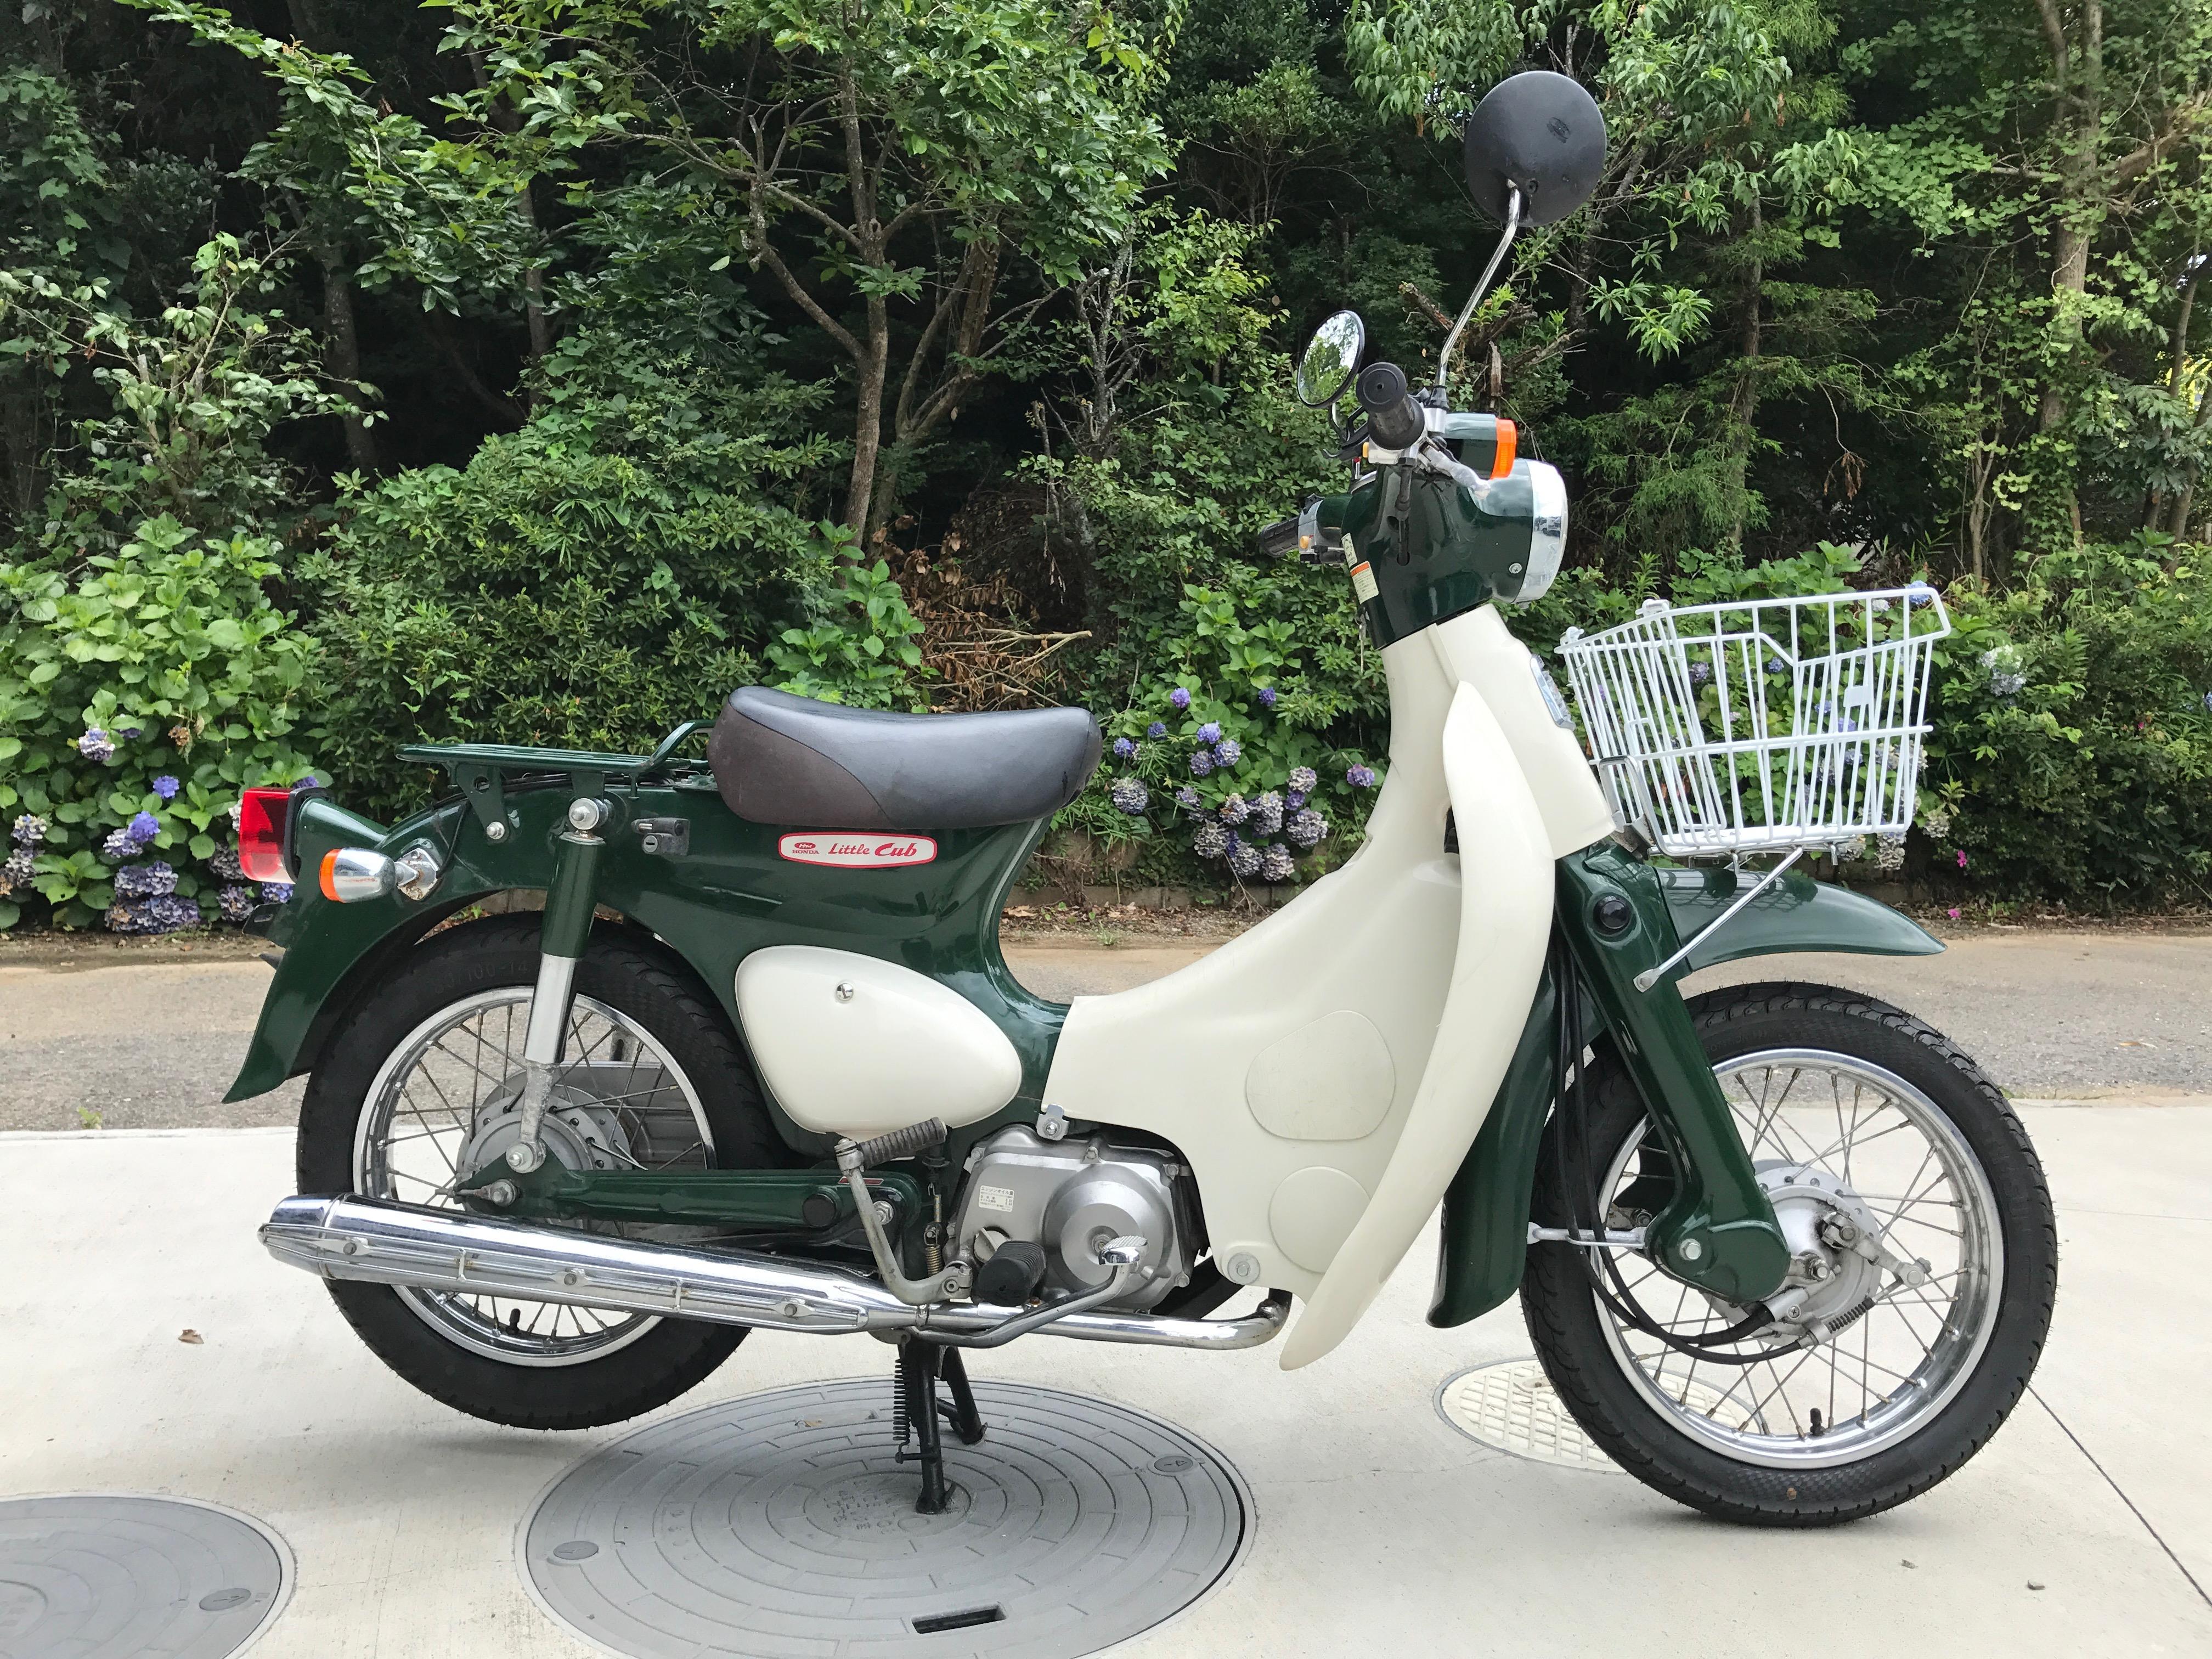 リトルカブ (HN-00) - 【公式】レンタルバイクのベストBike® 鎌倉駅前